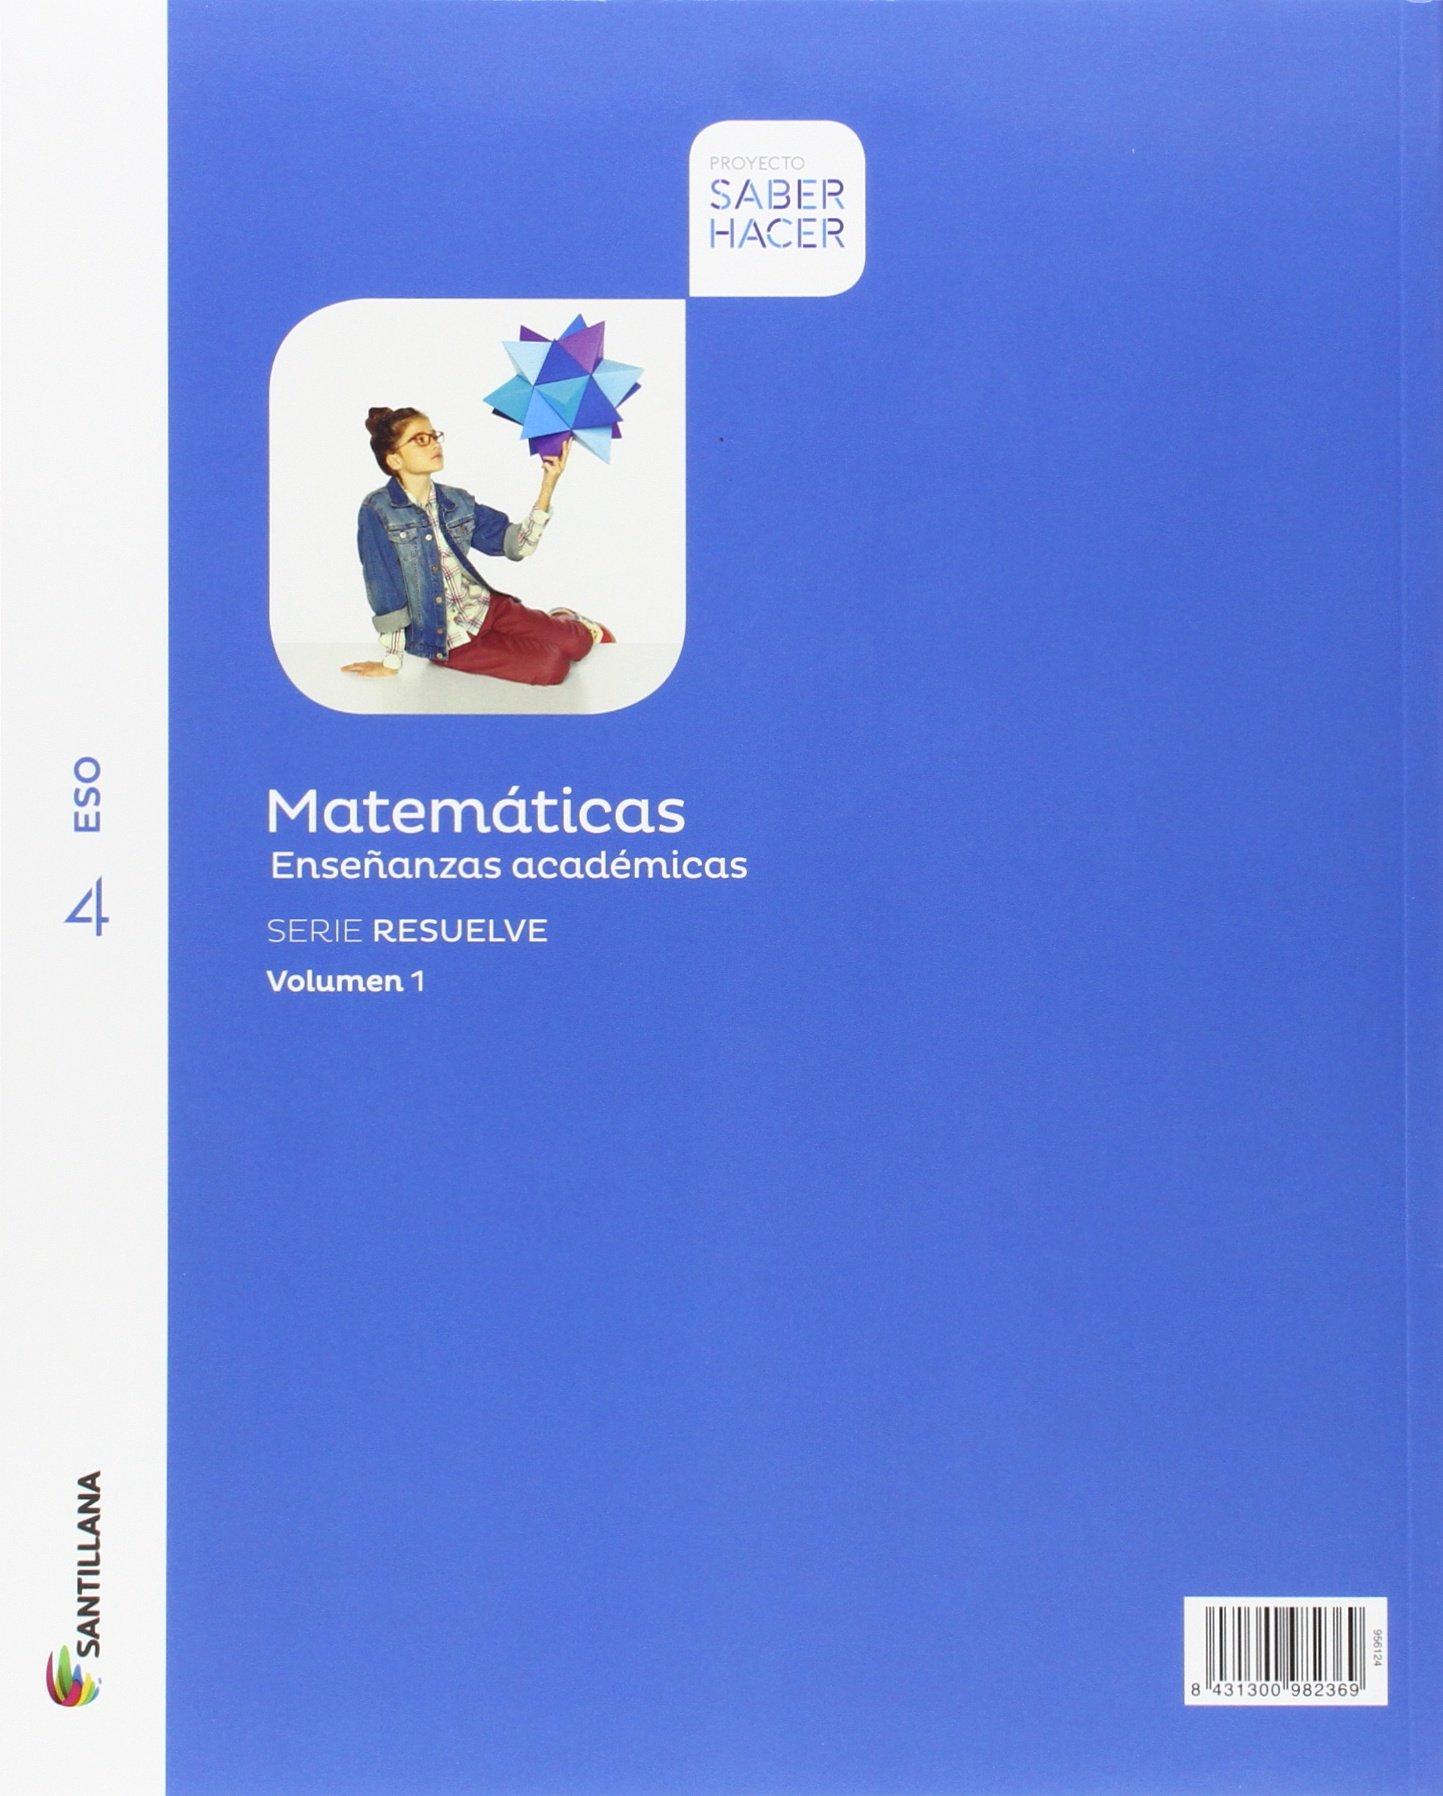 Matematicas Enseñanzas Academicas Serie Resuelve Mochila Ligera 4 Eso Saber Hacer 9788468040370 Amazon Es Vv Aa Libros